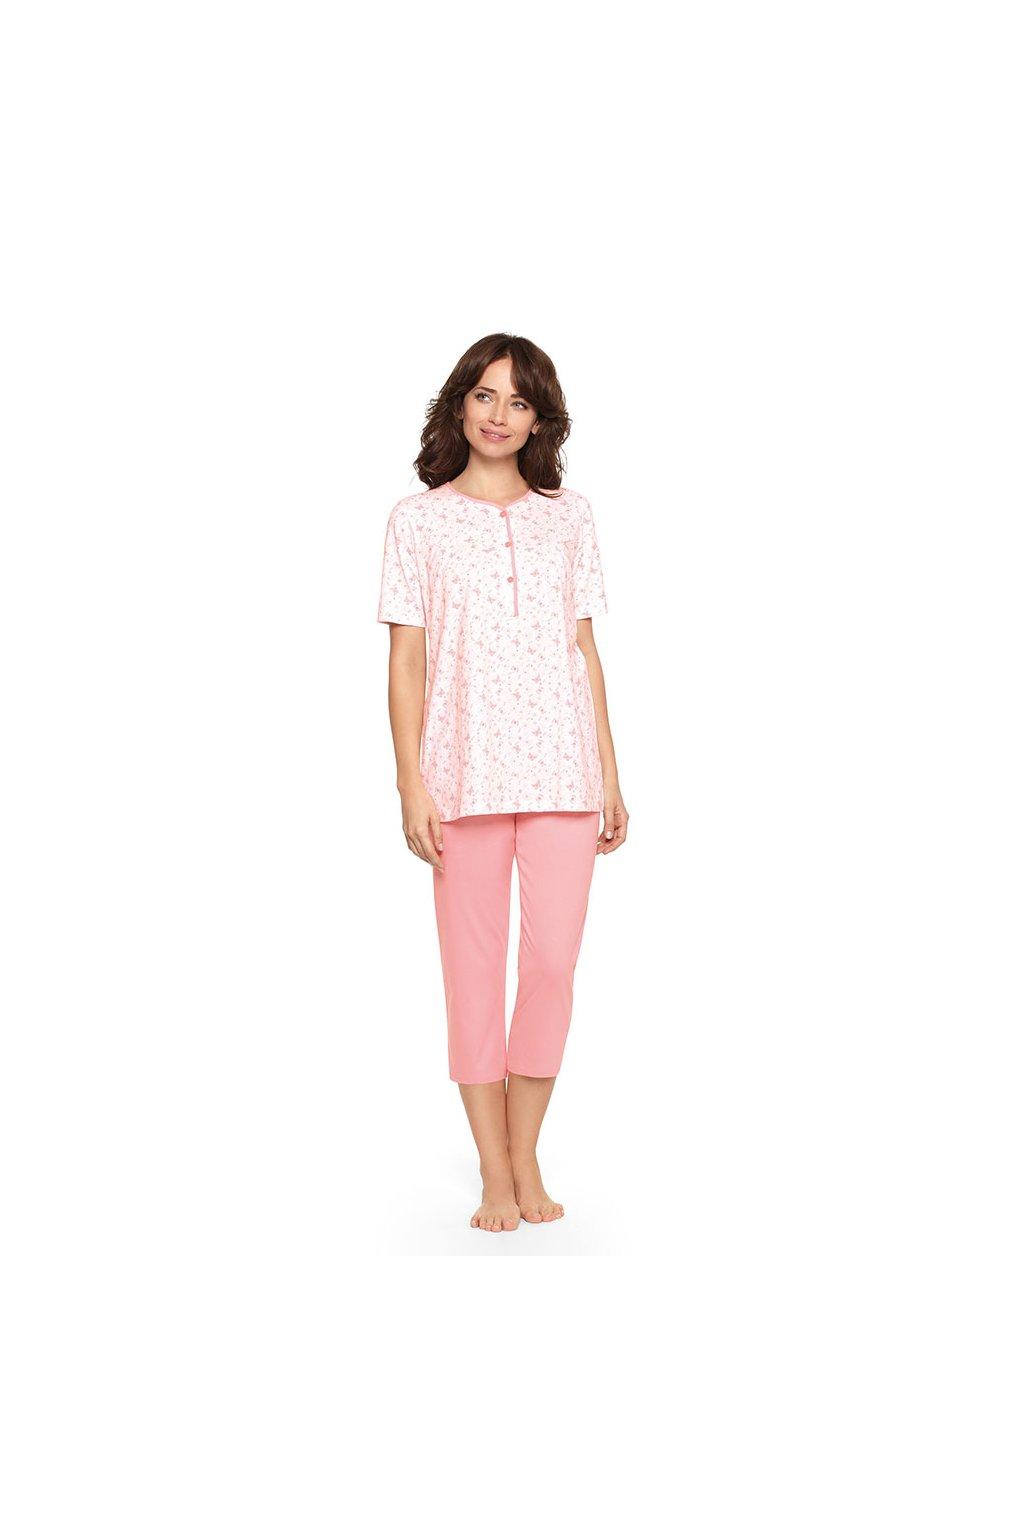 Dámské pyžamo s krátkým rukávem a 3/4 nohavicemi, 104447 922, bílá